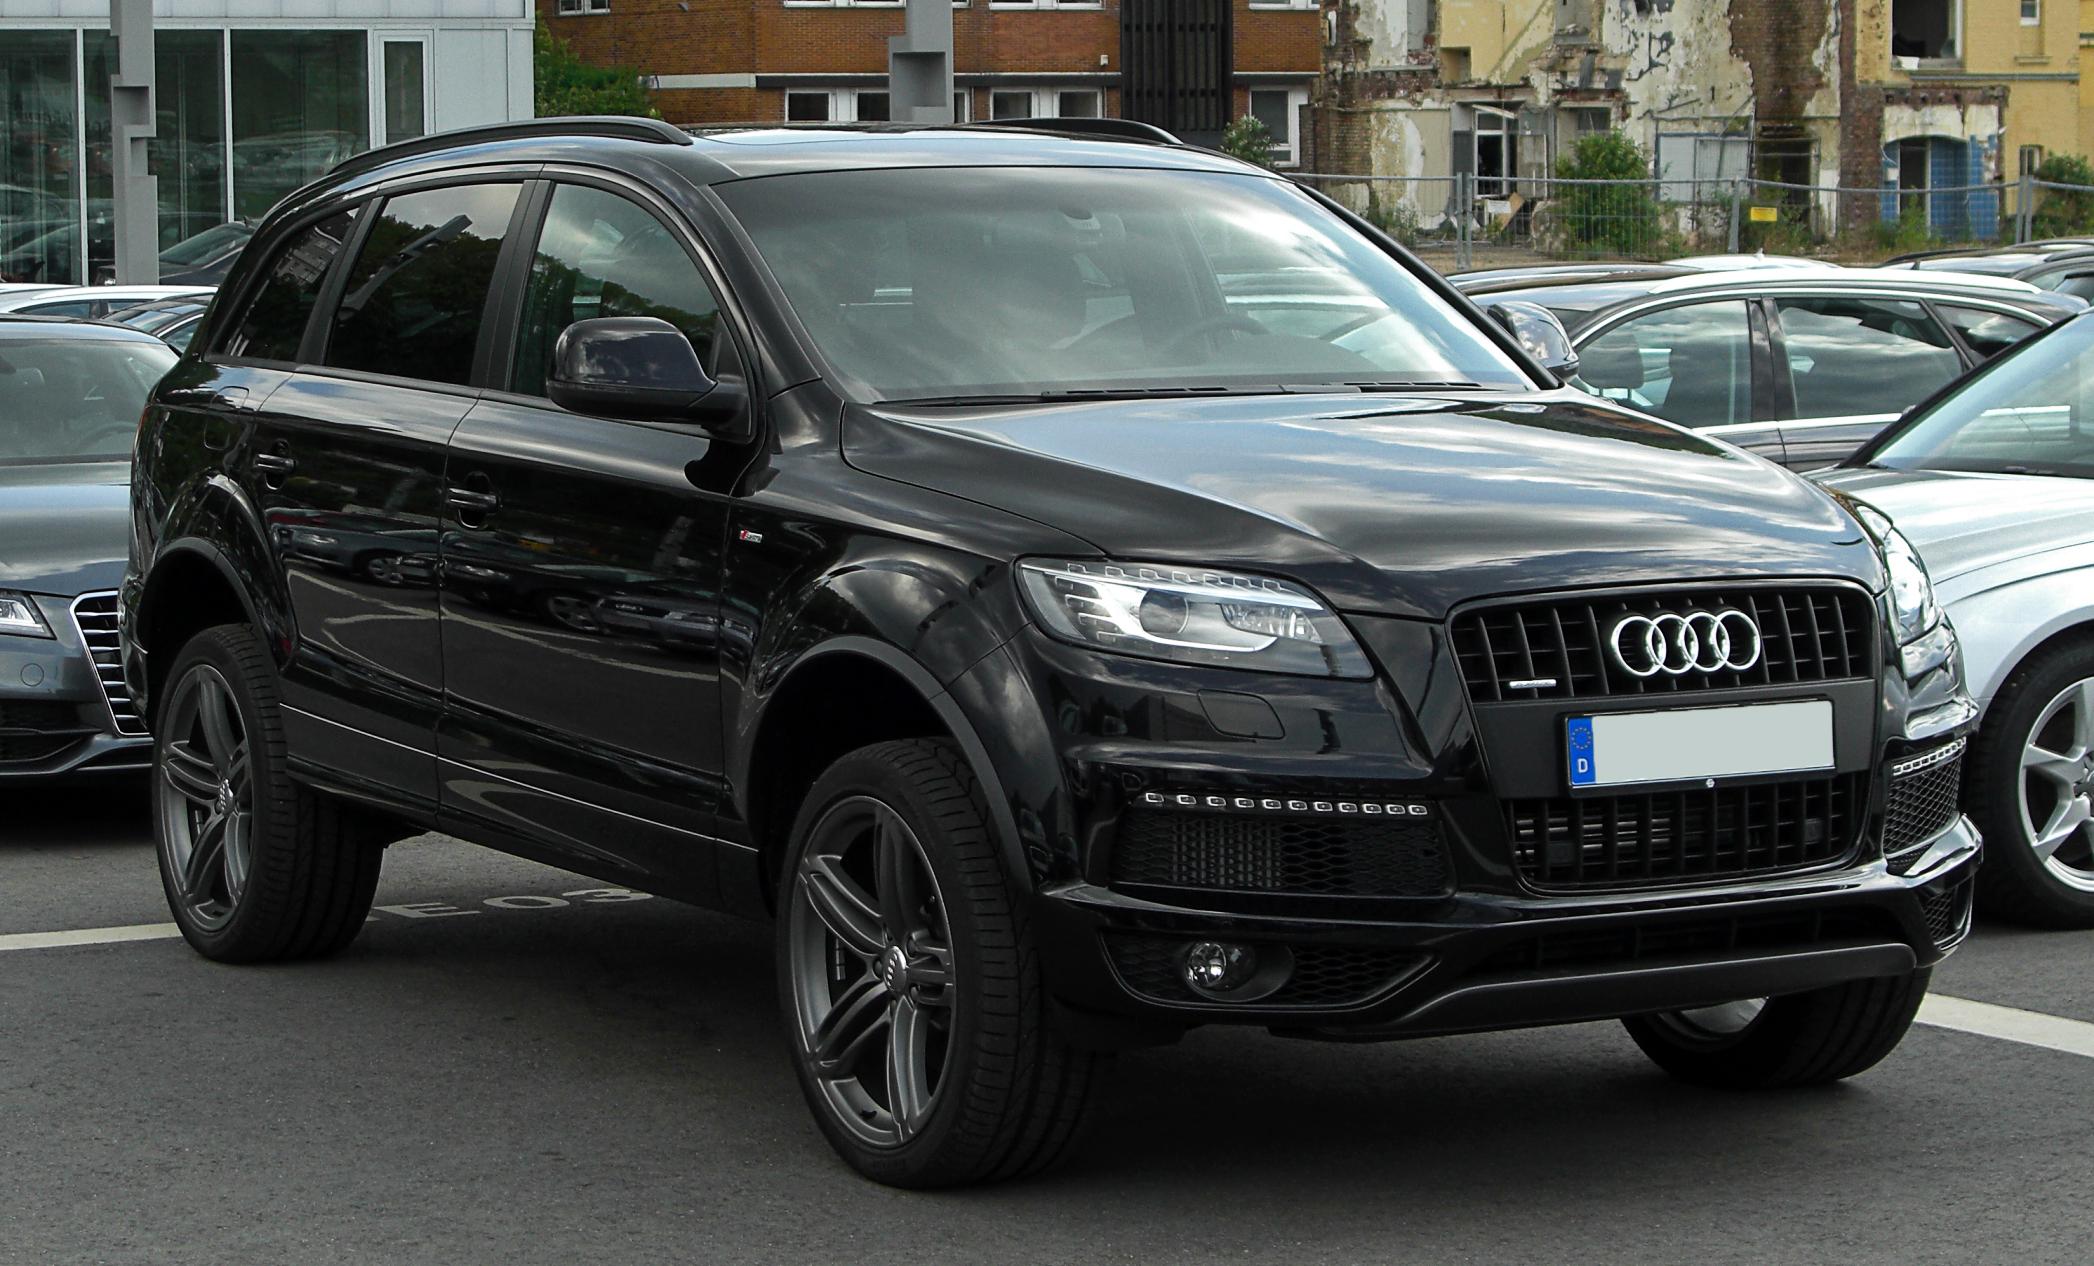 2011 Audi Q7 Image 14